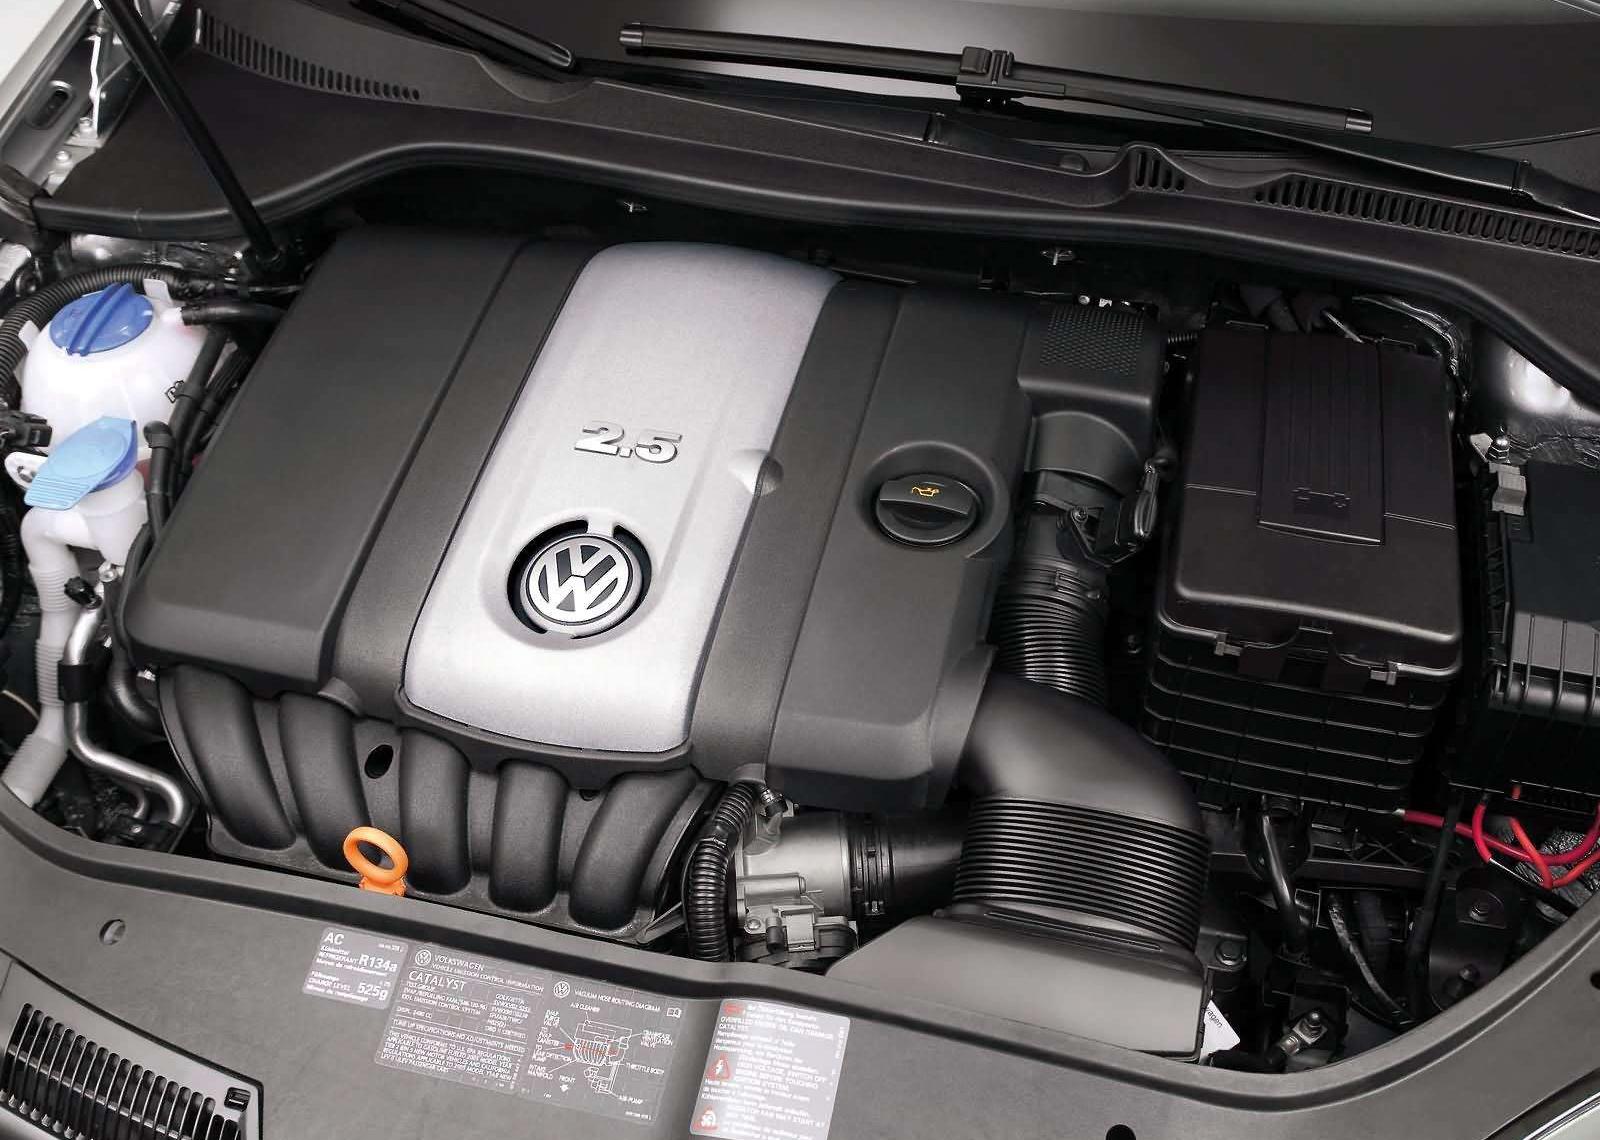 2006 Volkswagen Jetta 2 5 Thumbnail Photo 16793